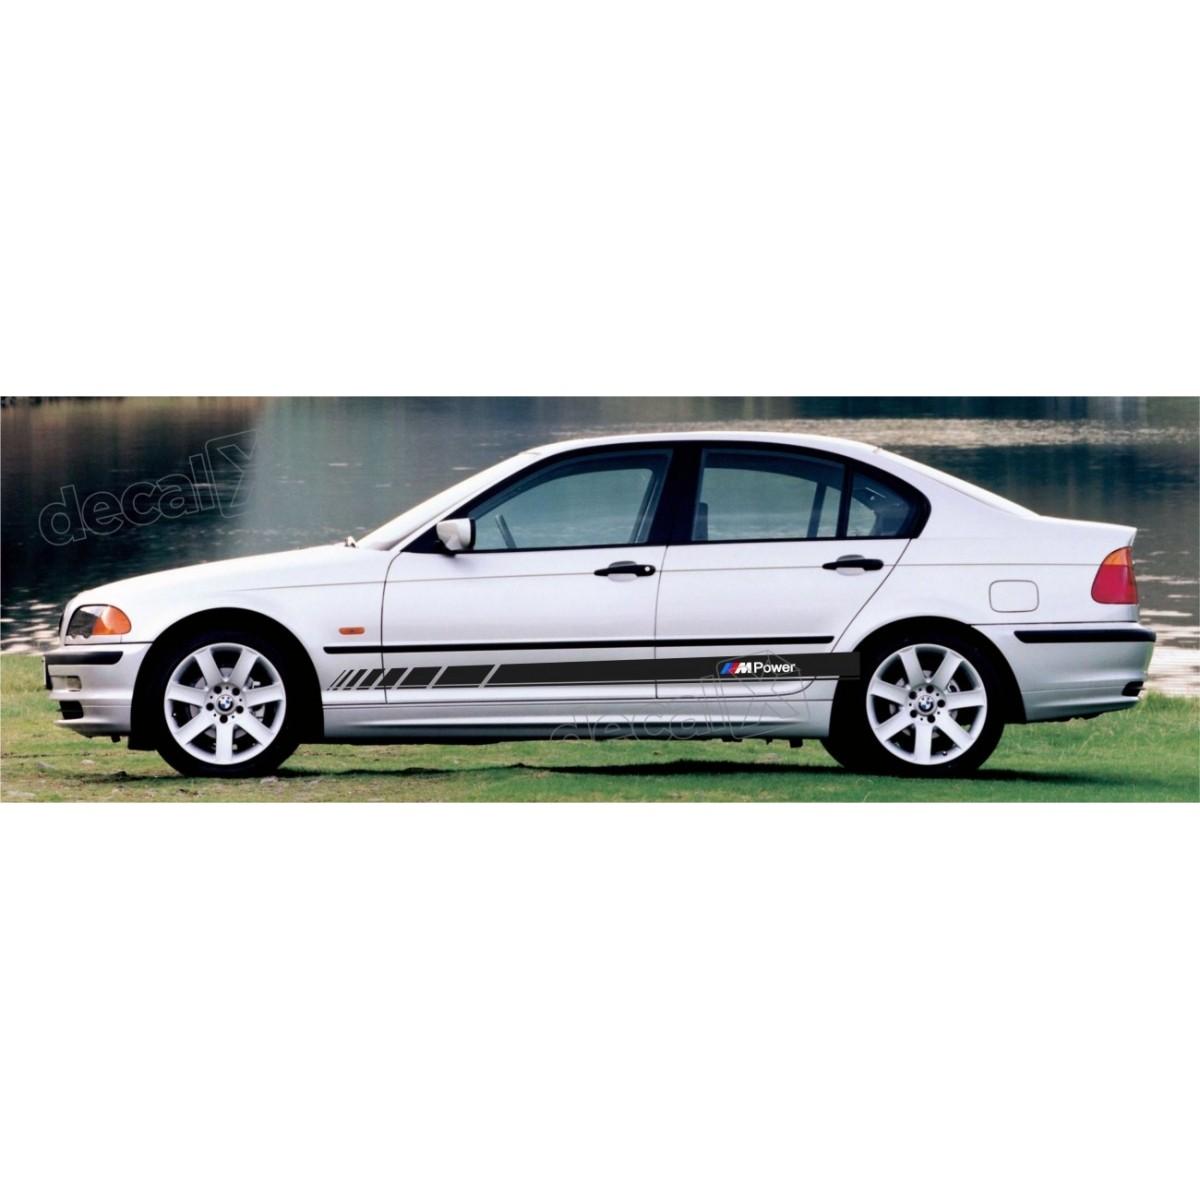 KIT FAIXAS LATERAIS BMW SERIE 3 POWER BW32